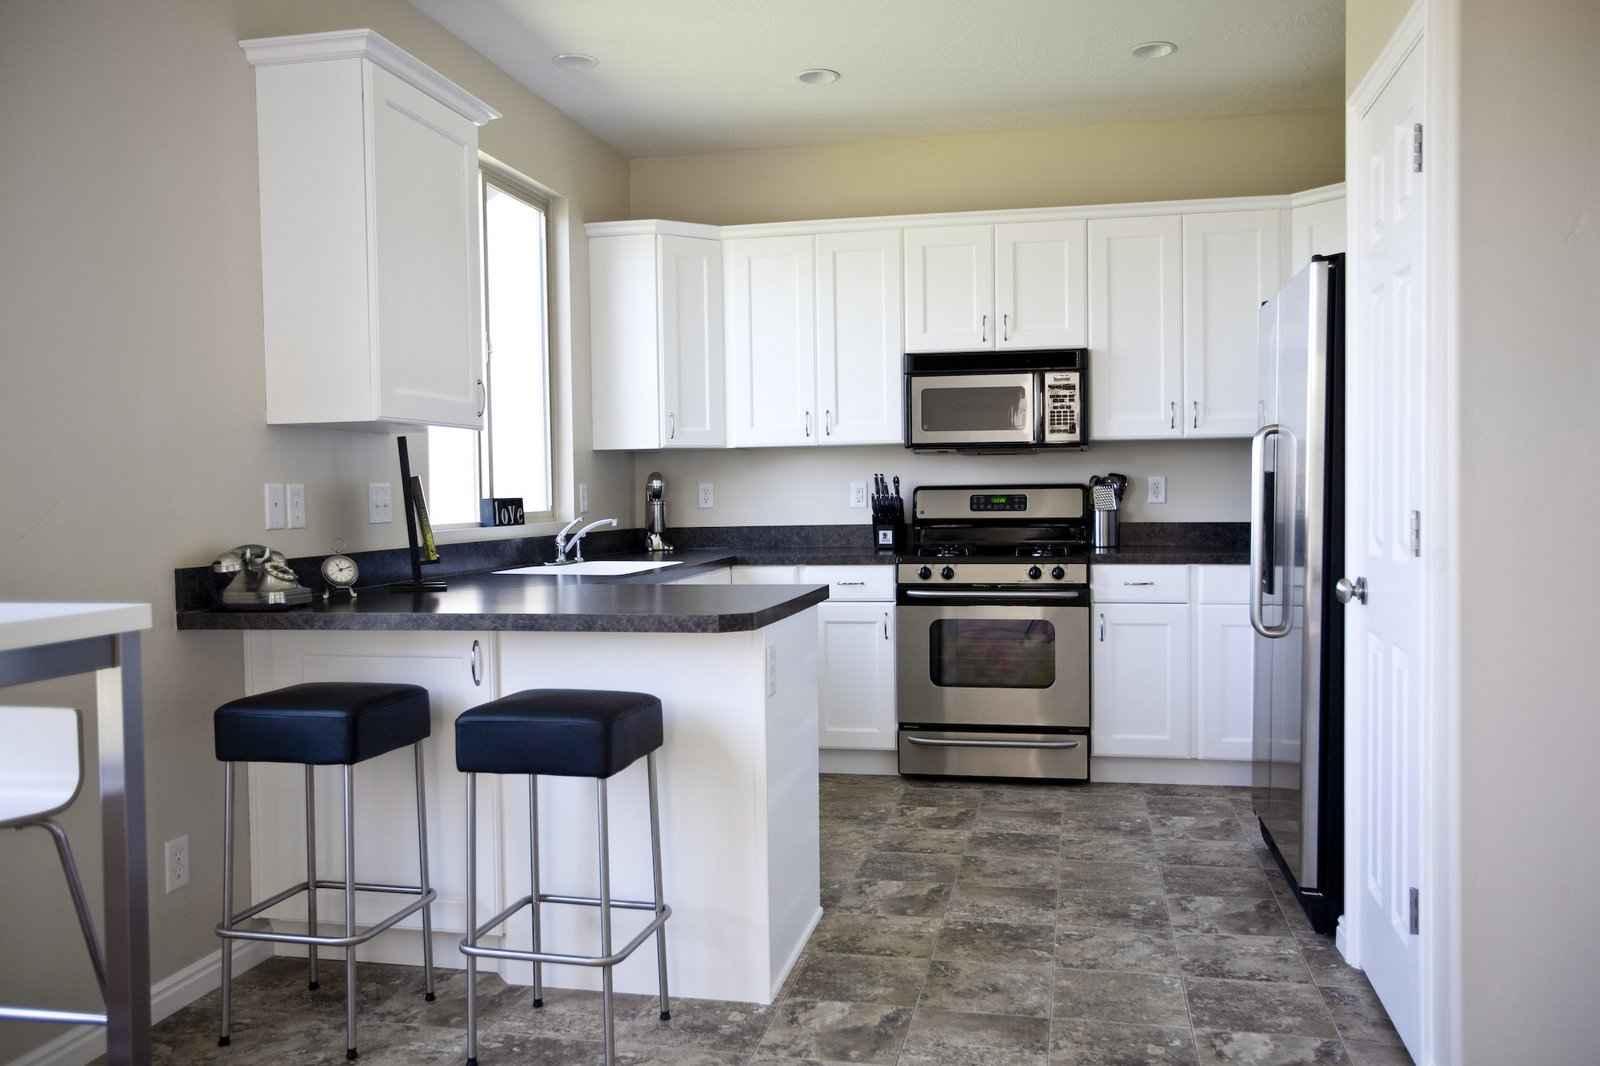 Black vinyl floor tile and countertops